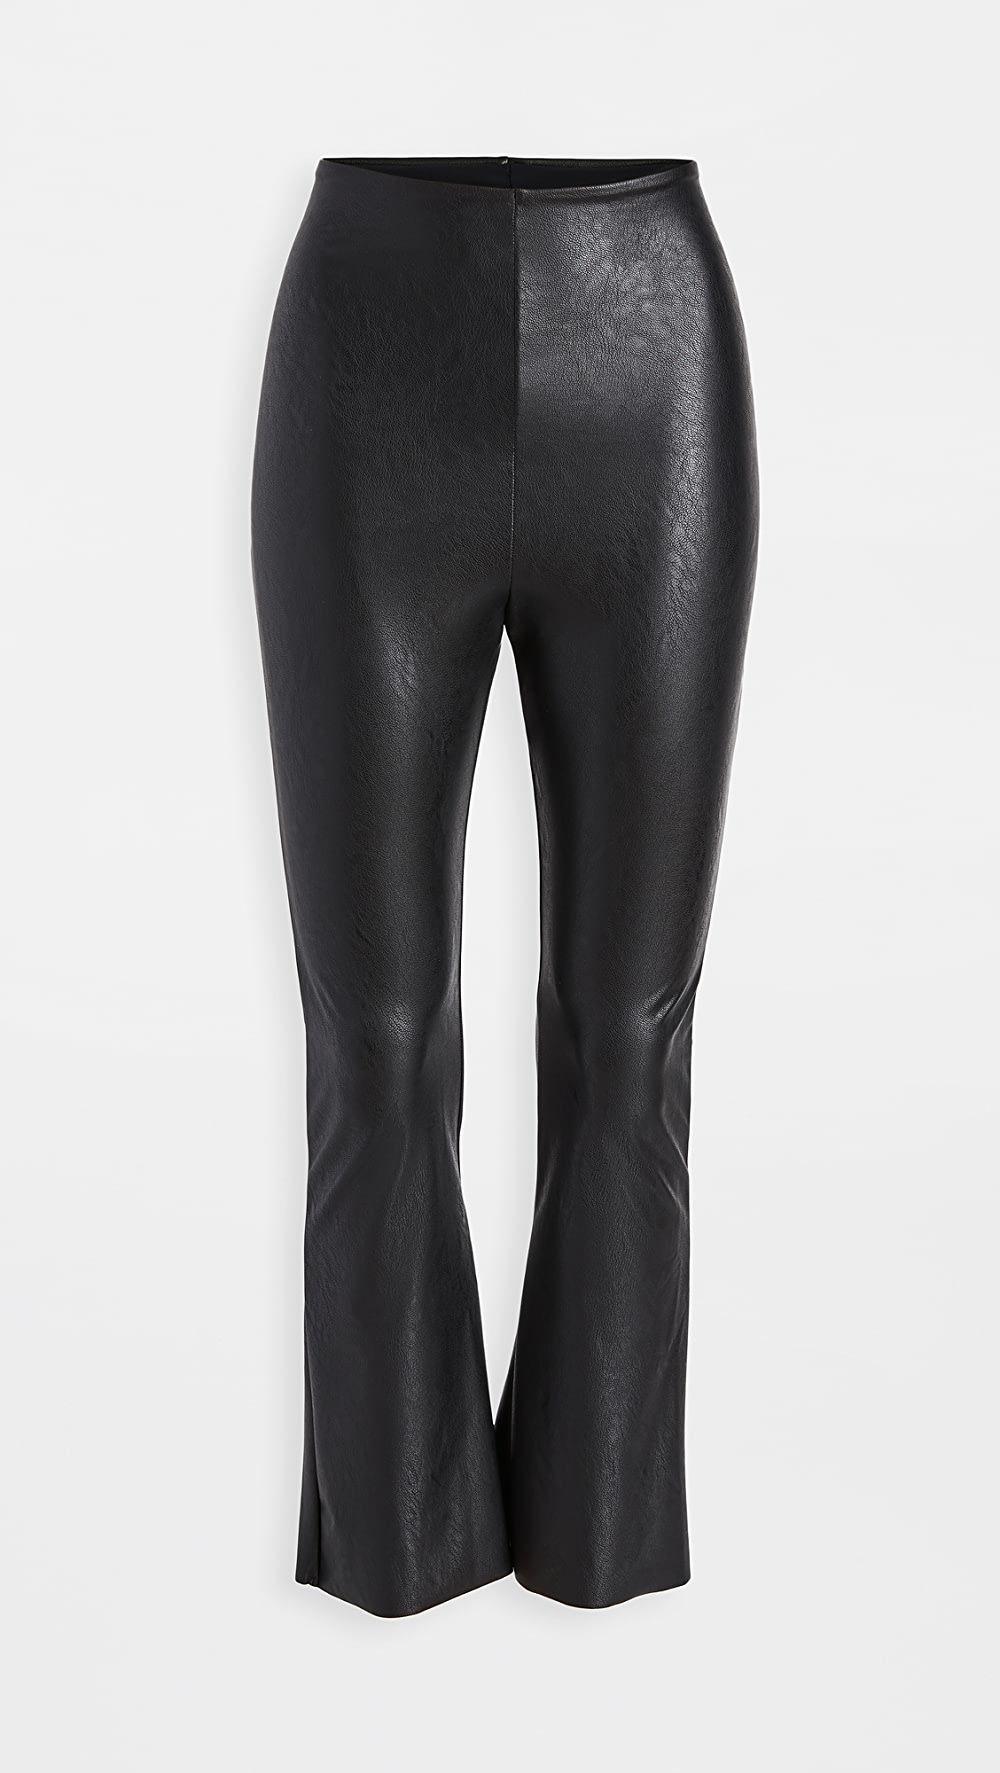 Commando Faux Leather Cropped Flare Leggings   Flare leggings ...